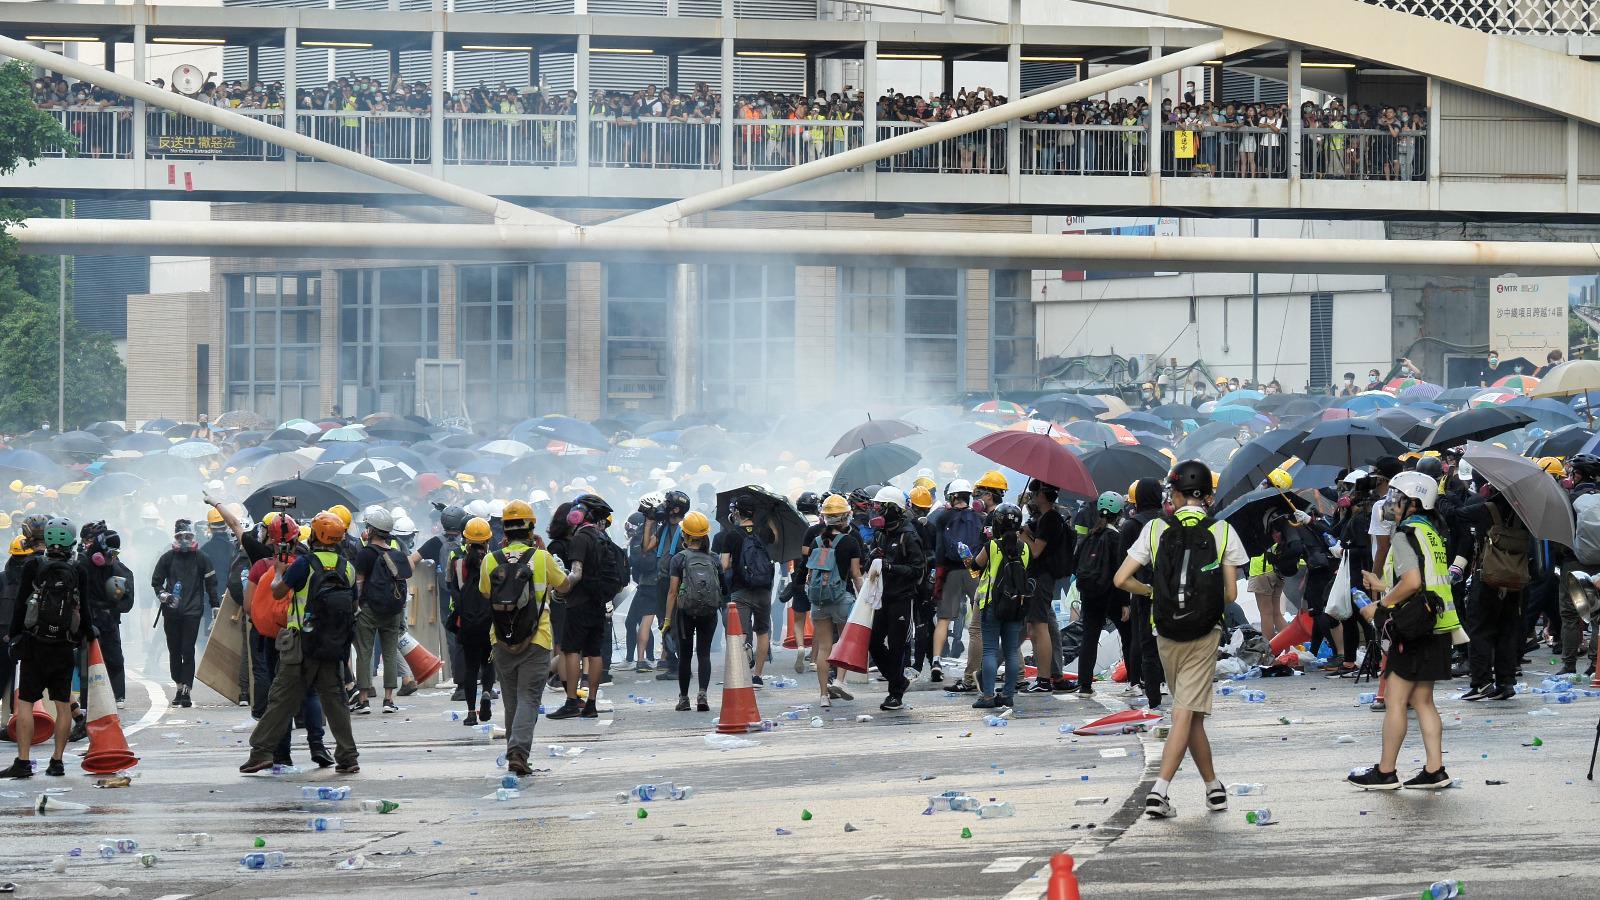 2019年8月5日,警方在金鐘夏慤多次對反送中示威民眾發射催淚彈。(龐大衛/大紀元)